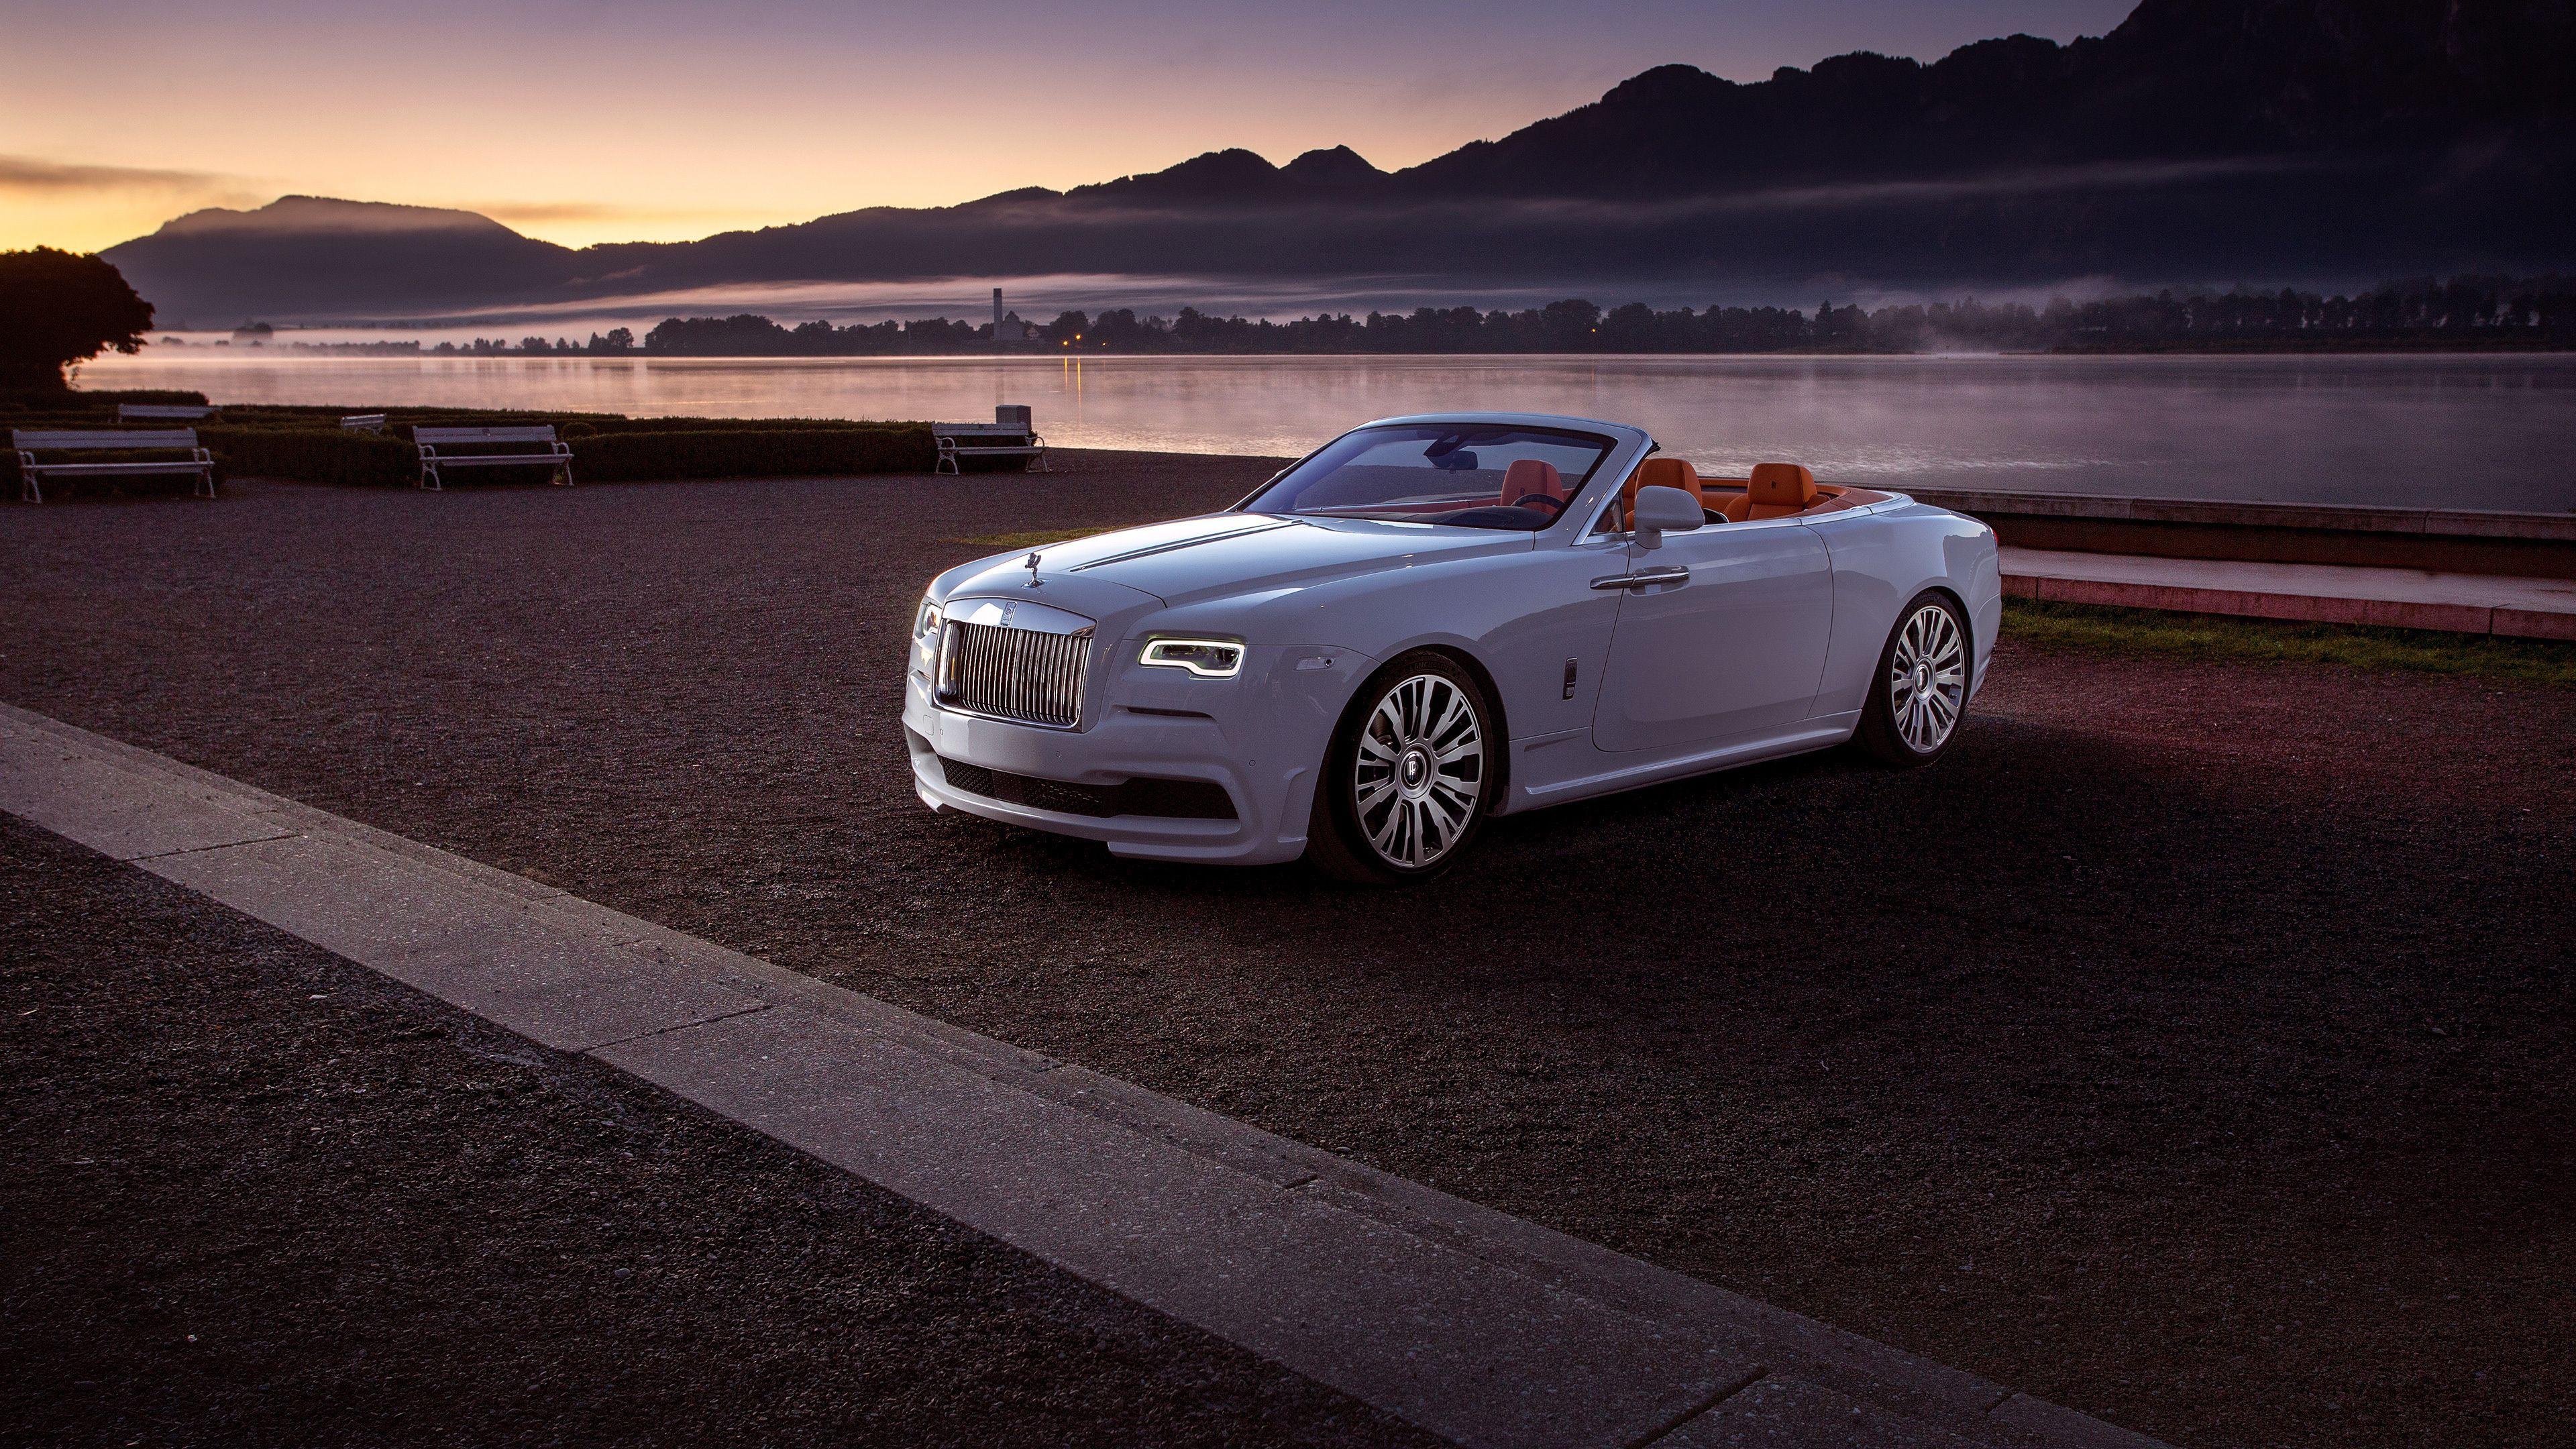 White Rolls Royce Dawn 2018 4k Rolls Royce Wallpapers Rolls Royce Dawn Wallpapers Hd Wallpapers Car Rolls Royce Wallpaper White Rolls Royce Rolls Royce Dawn